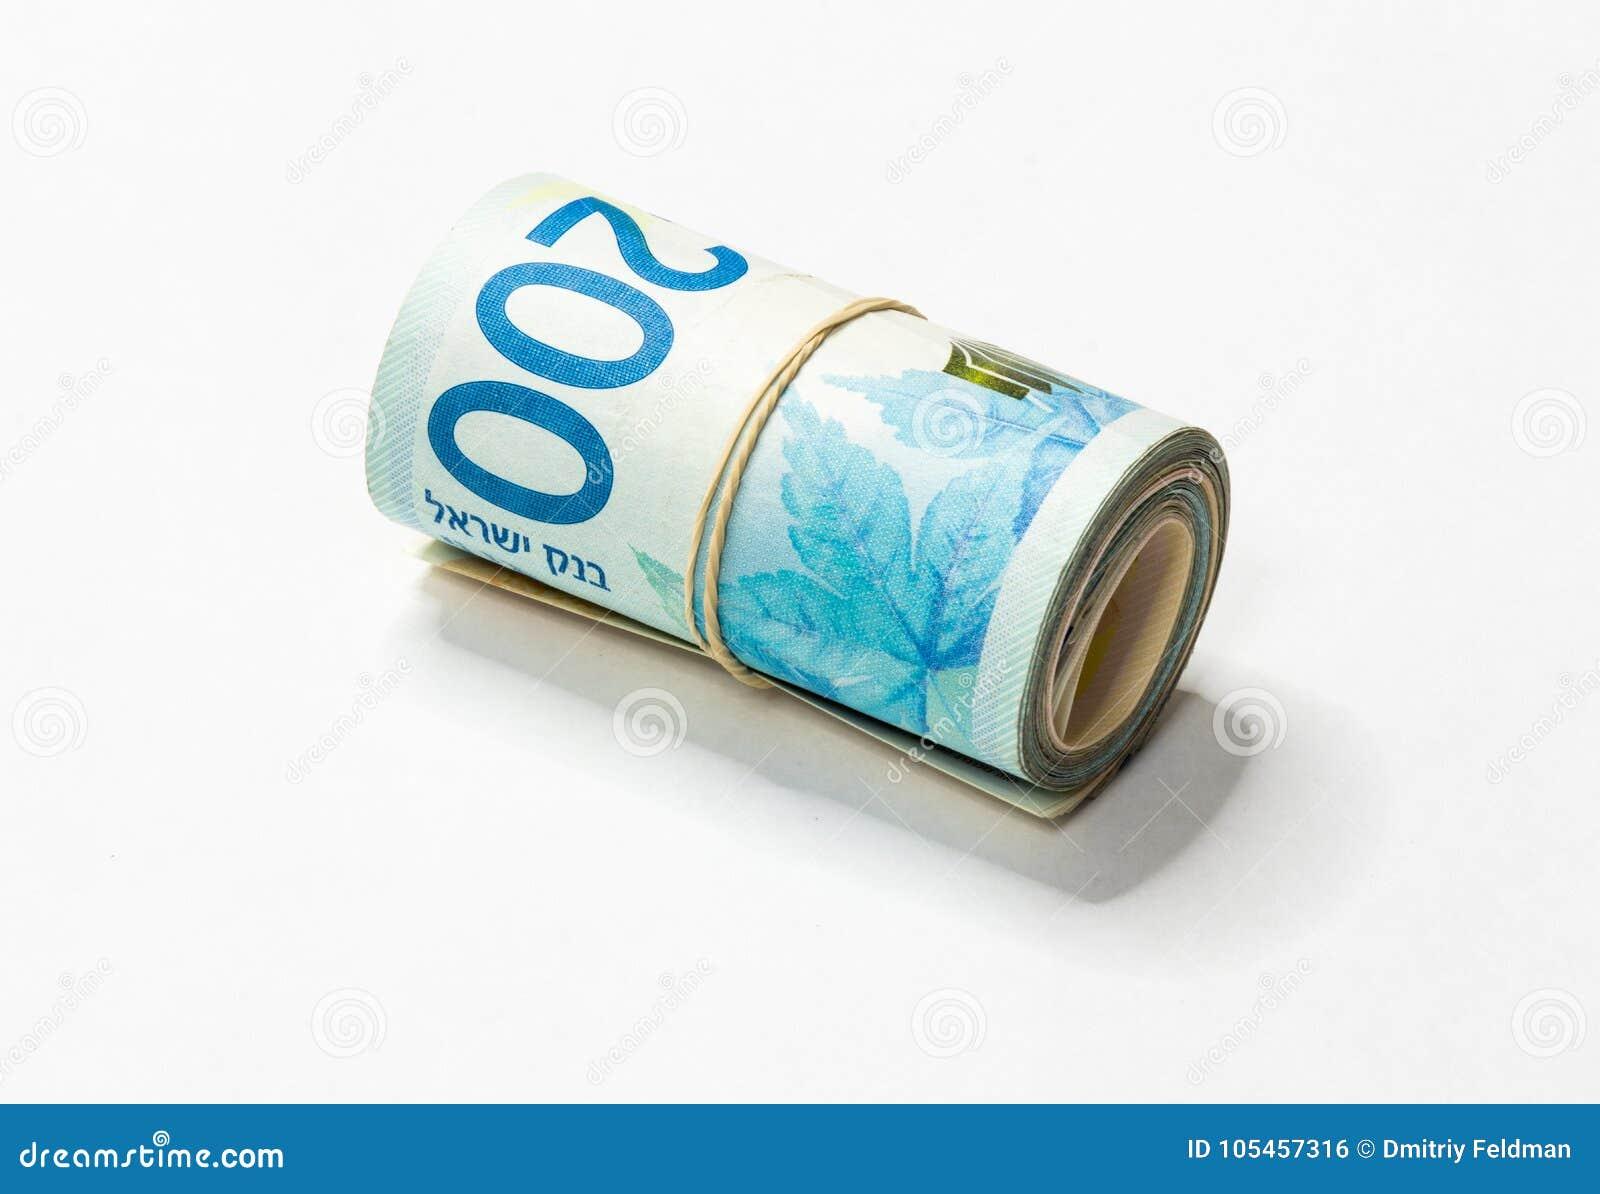 Un mazzo di nuovi soldi israeliani di NIS degli shekel nota acciambellato e tenuti insieme con un elastico semplice su un backgro